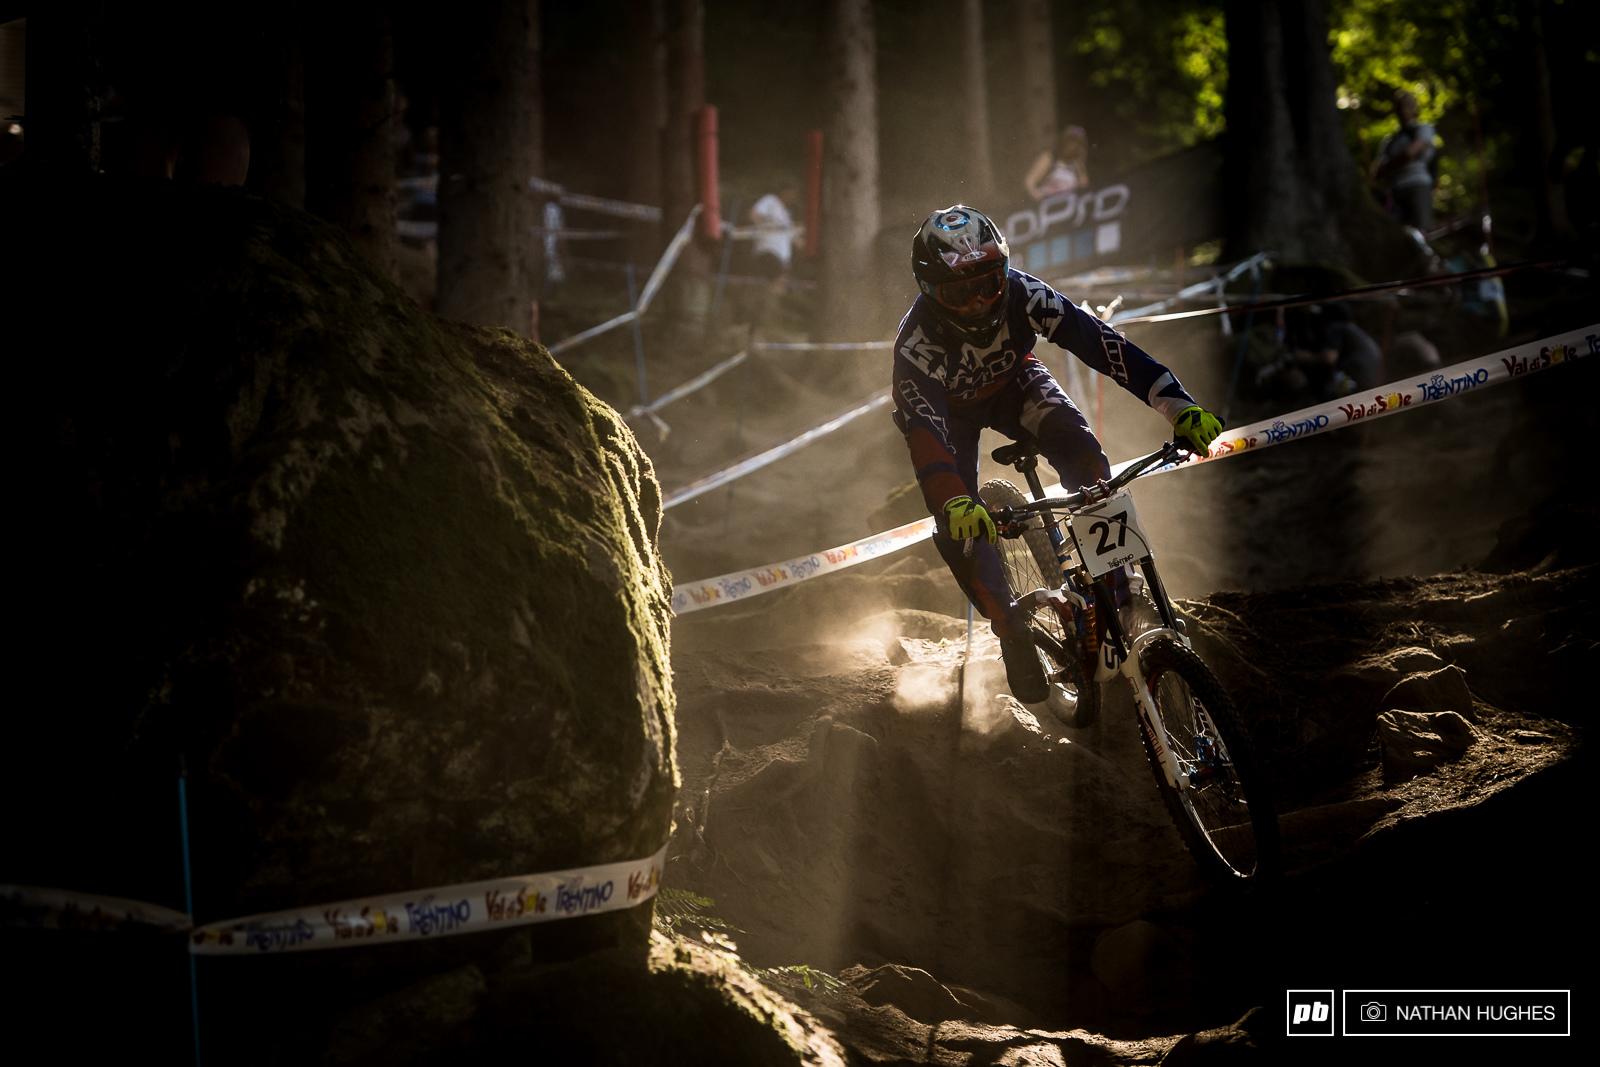 When the going gets steep Adam Brayton goes HAM.